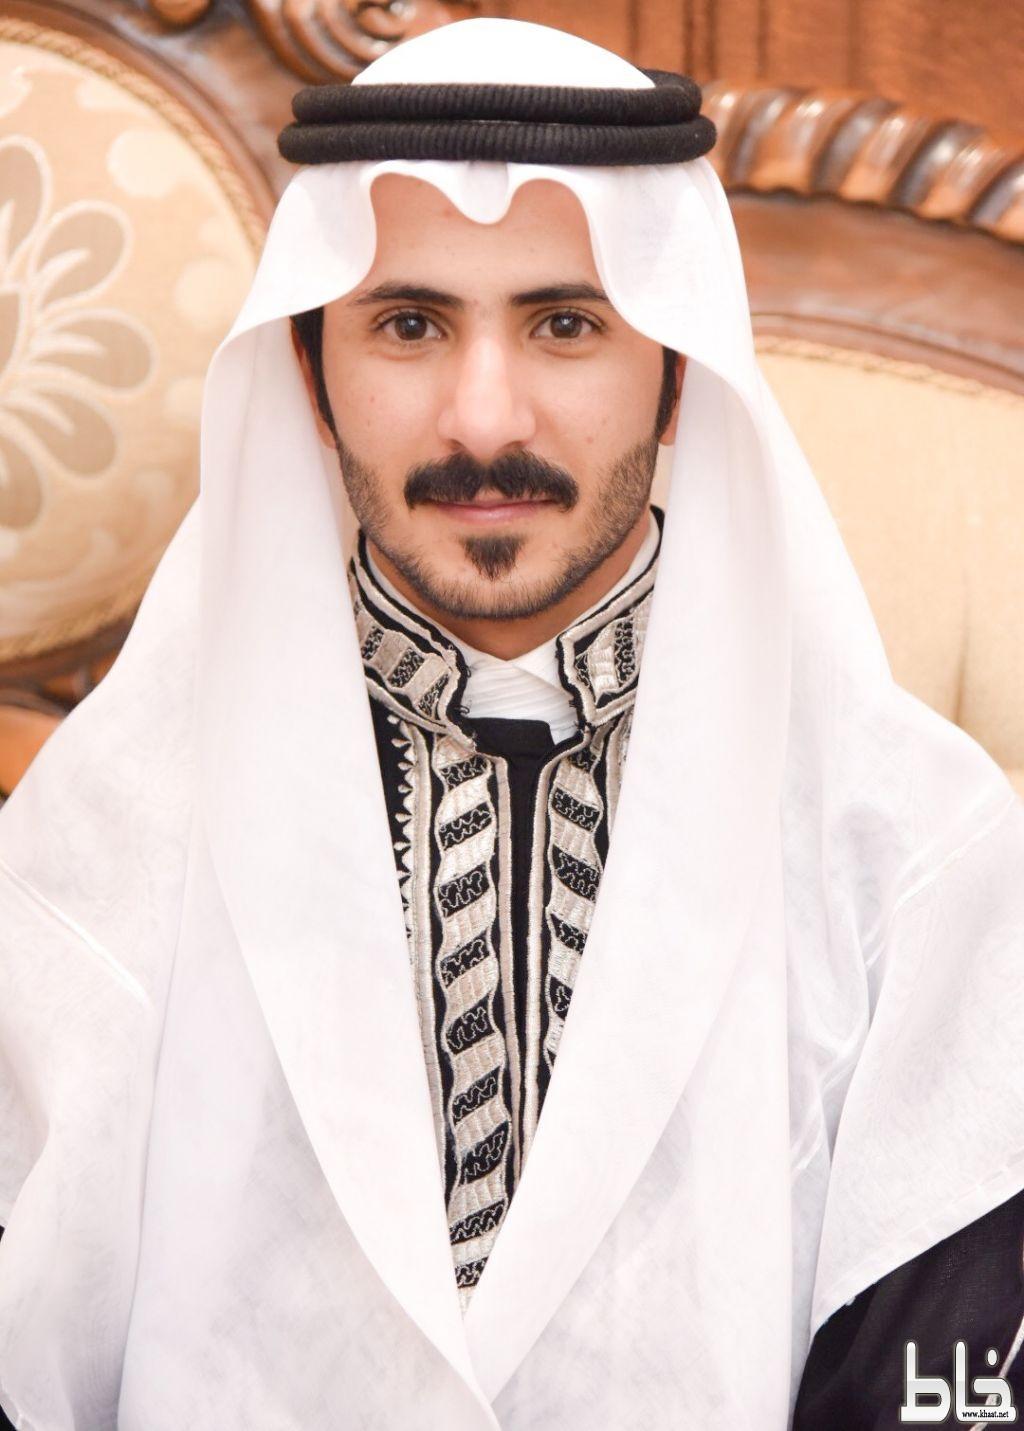 بالصور .. سلطان حسن فراج يحتفل بعقد قرآنه